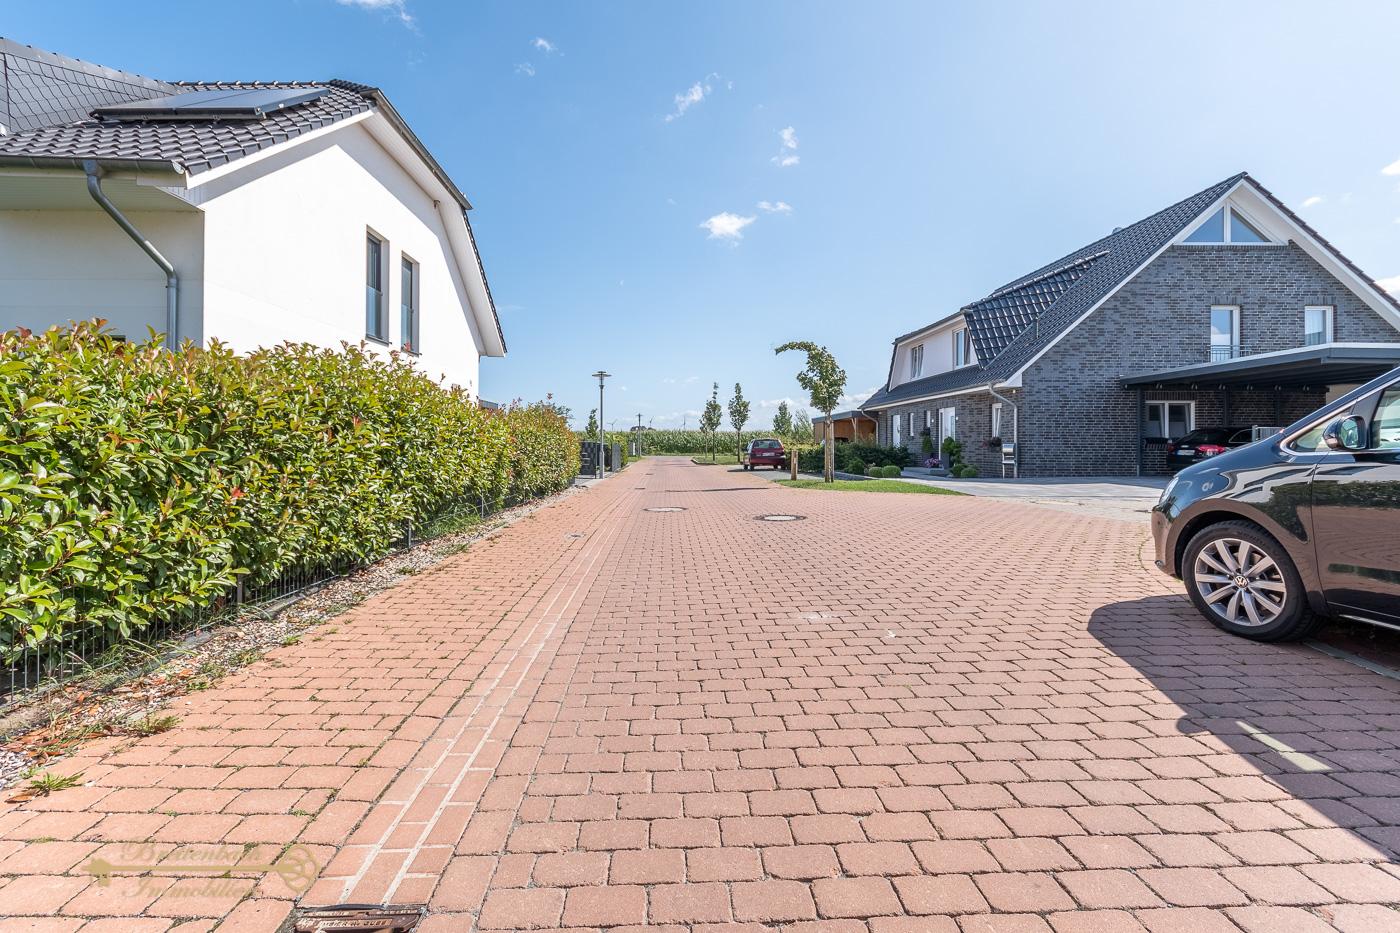 2019-08-11-Breitenbach-Immobilien-30